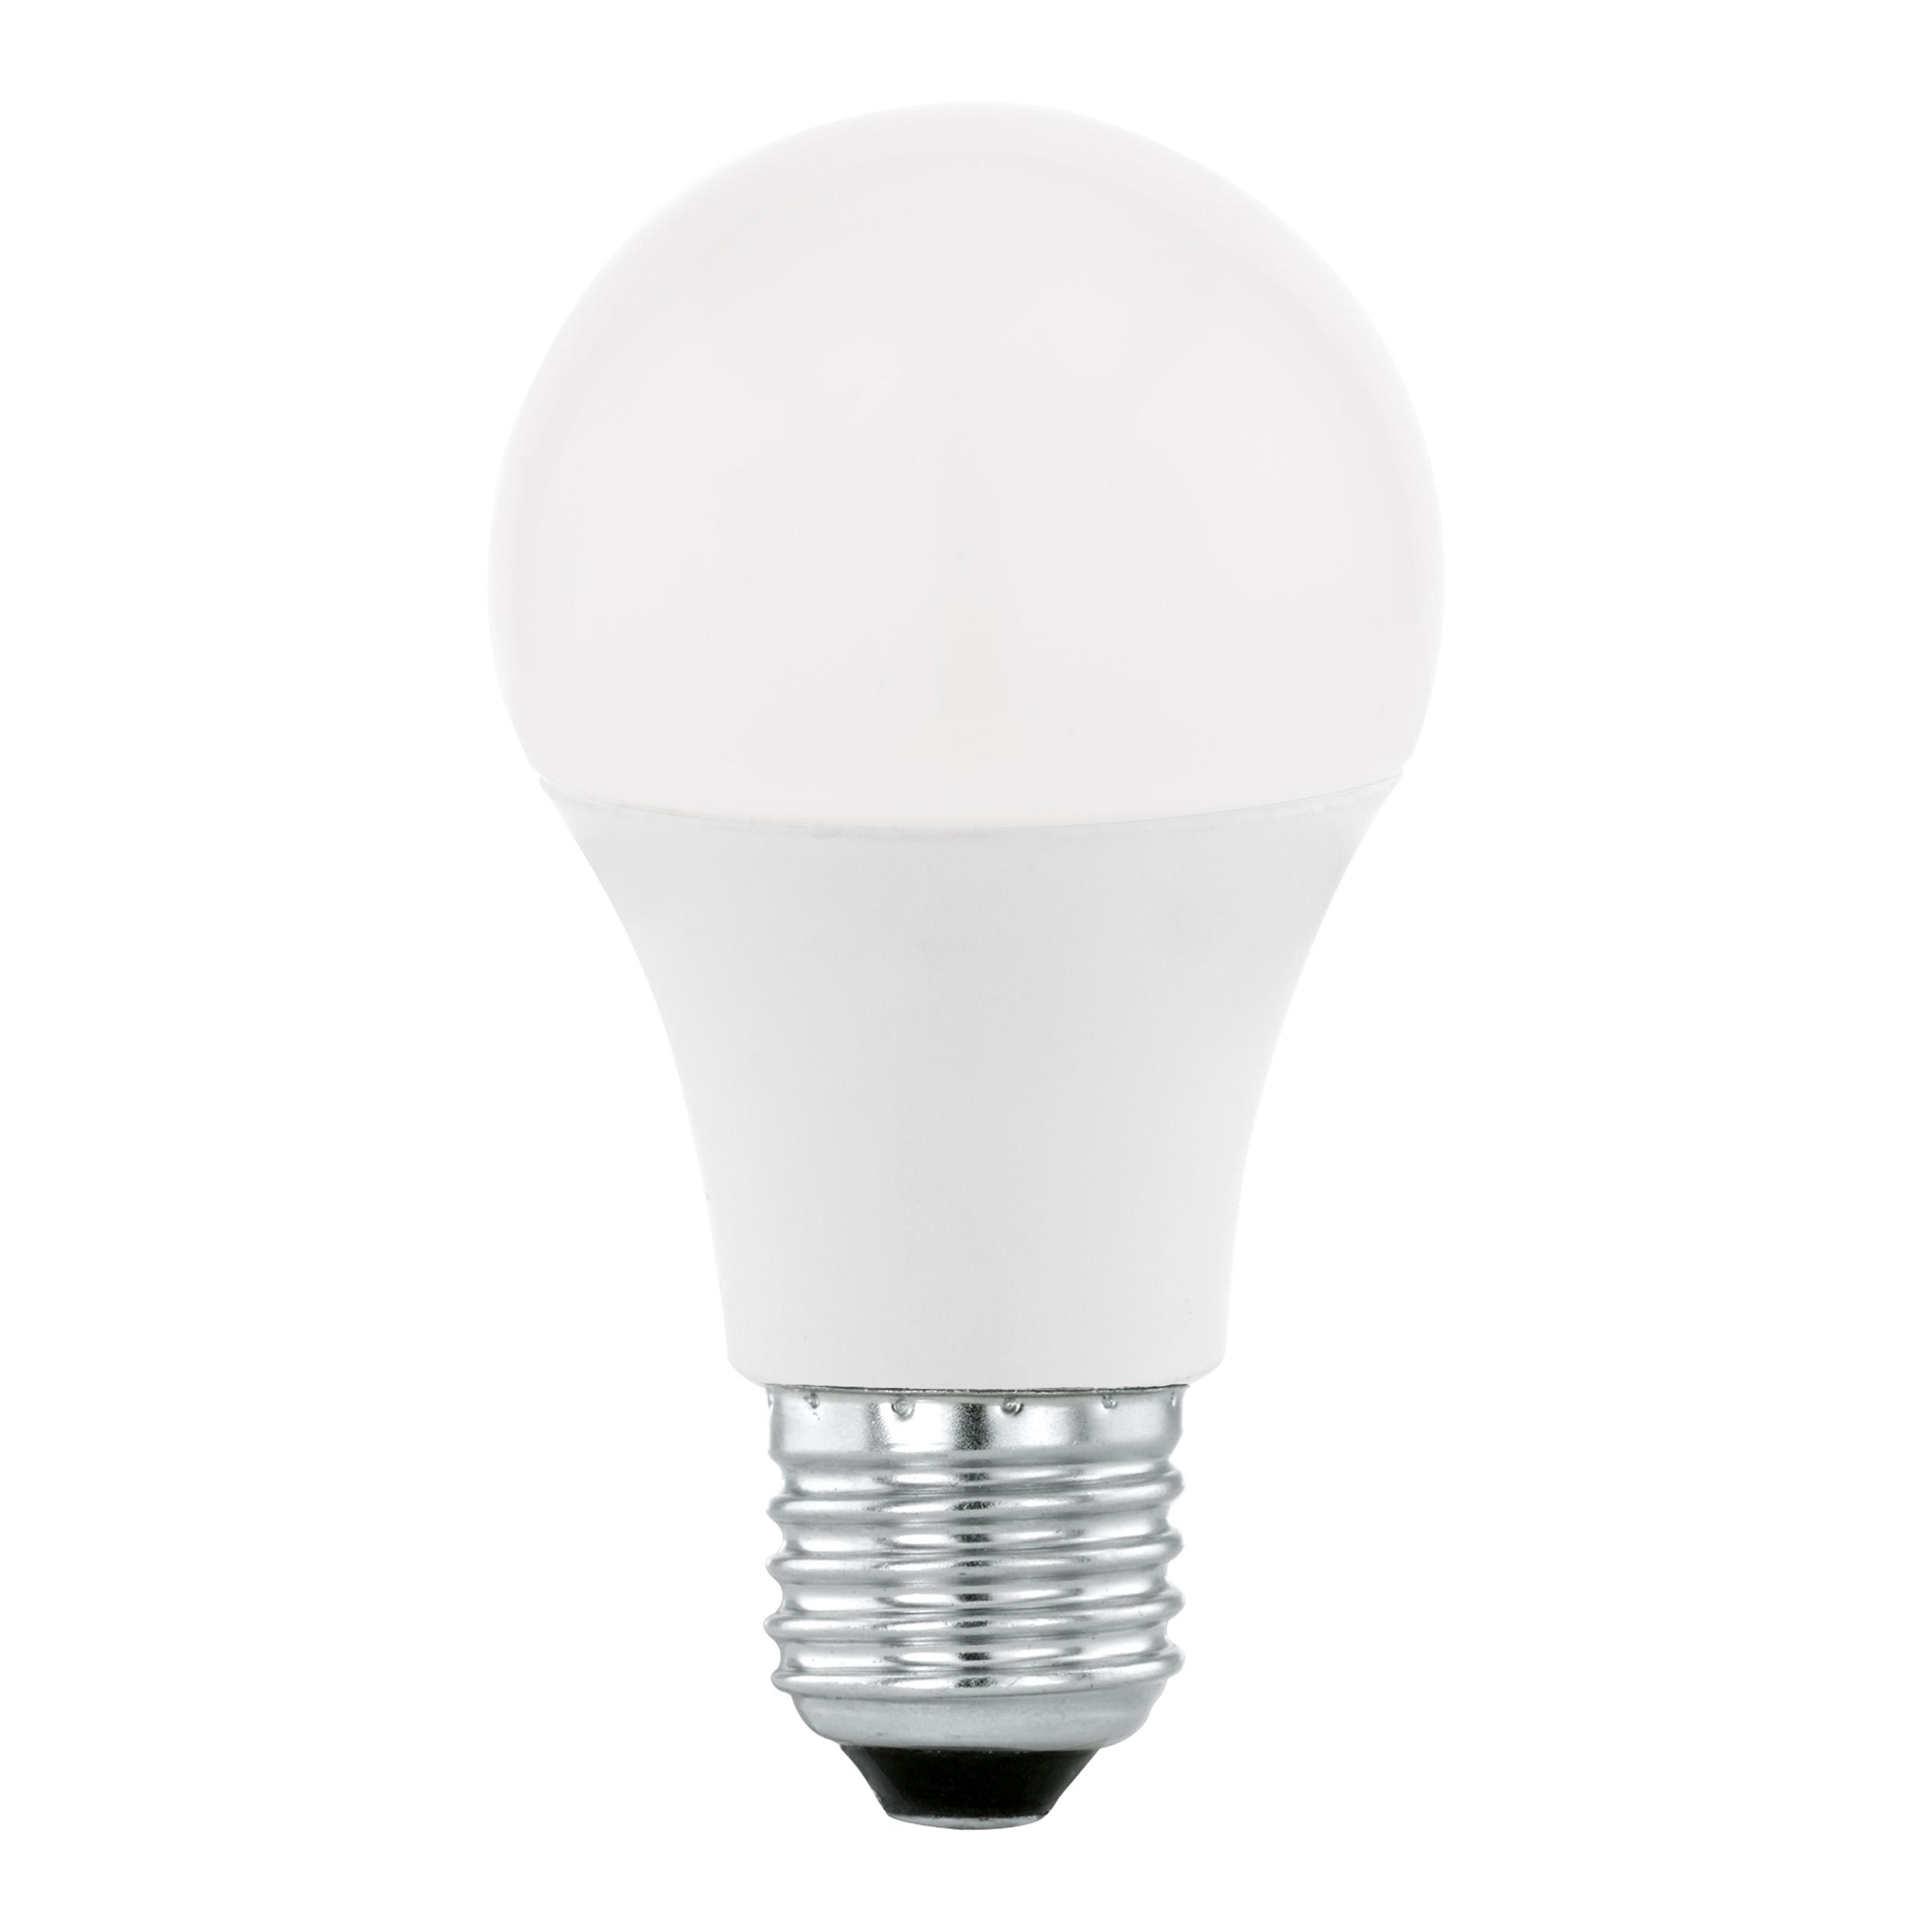 1 Stk E27-LED-A60 10W 3000  LI69166---